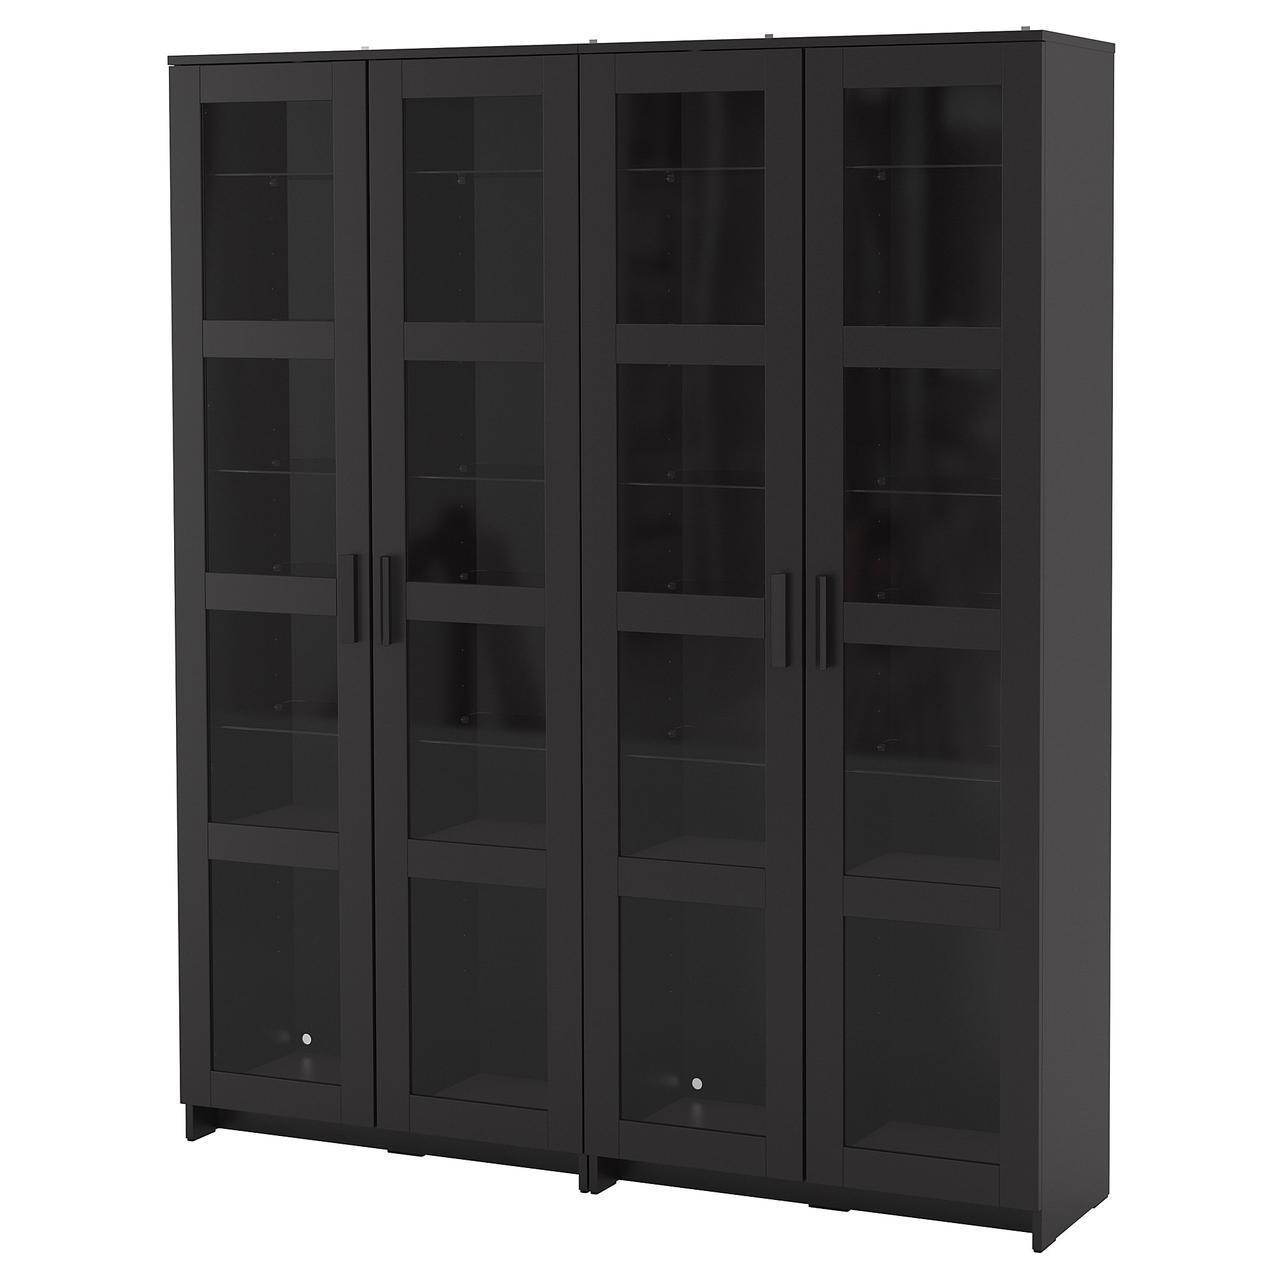 Стелаж (книжкова шафа) IKEA BRIMNES 160x35x190 см скляні двері чорний 192.782.34